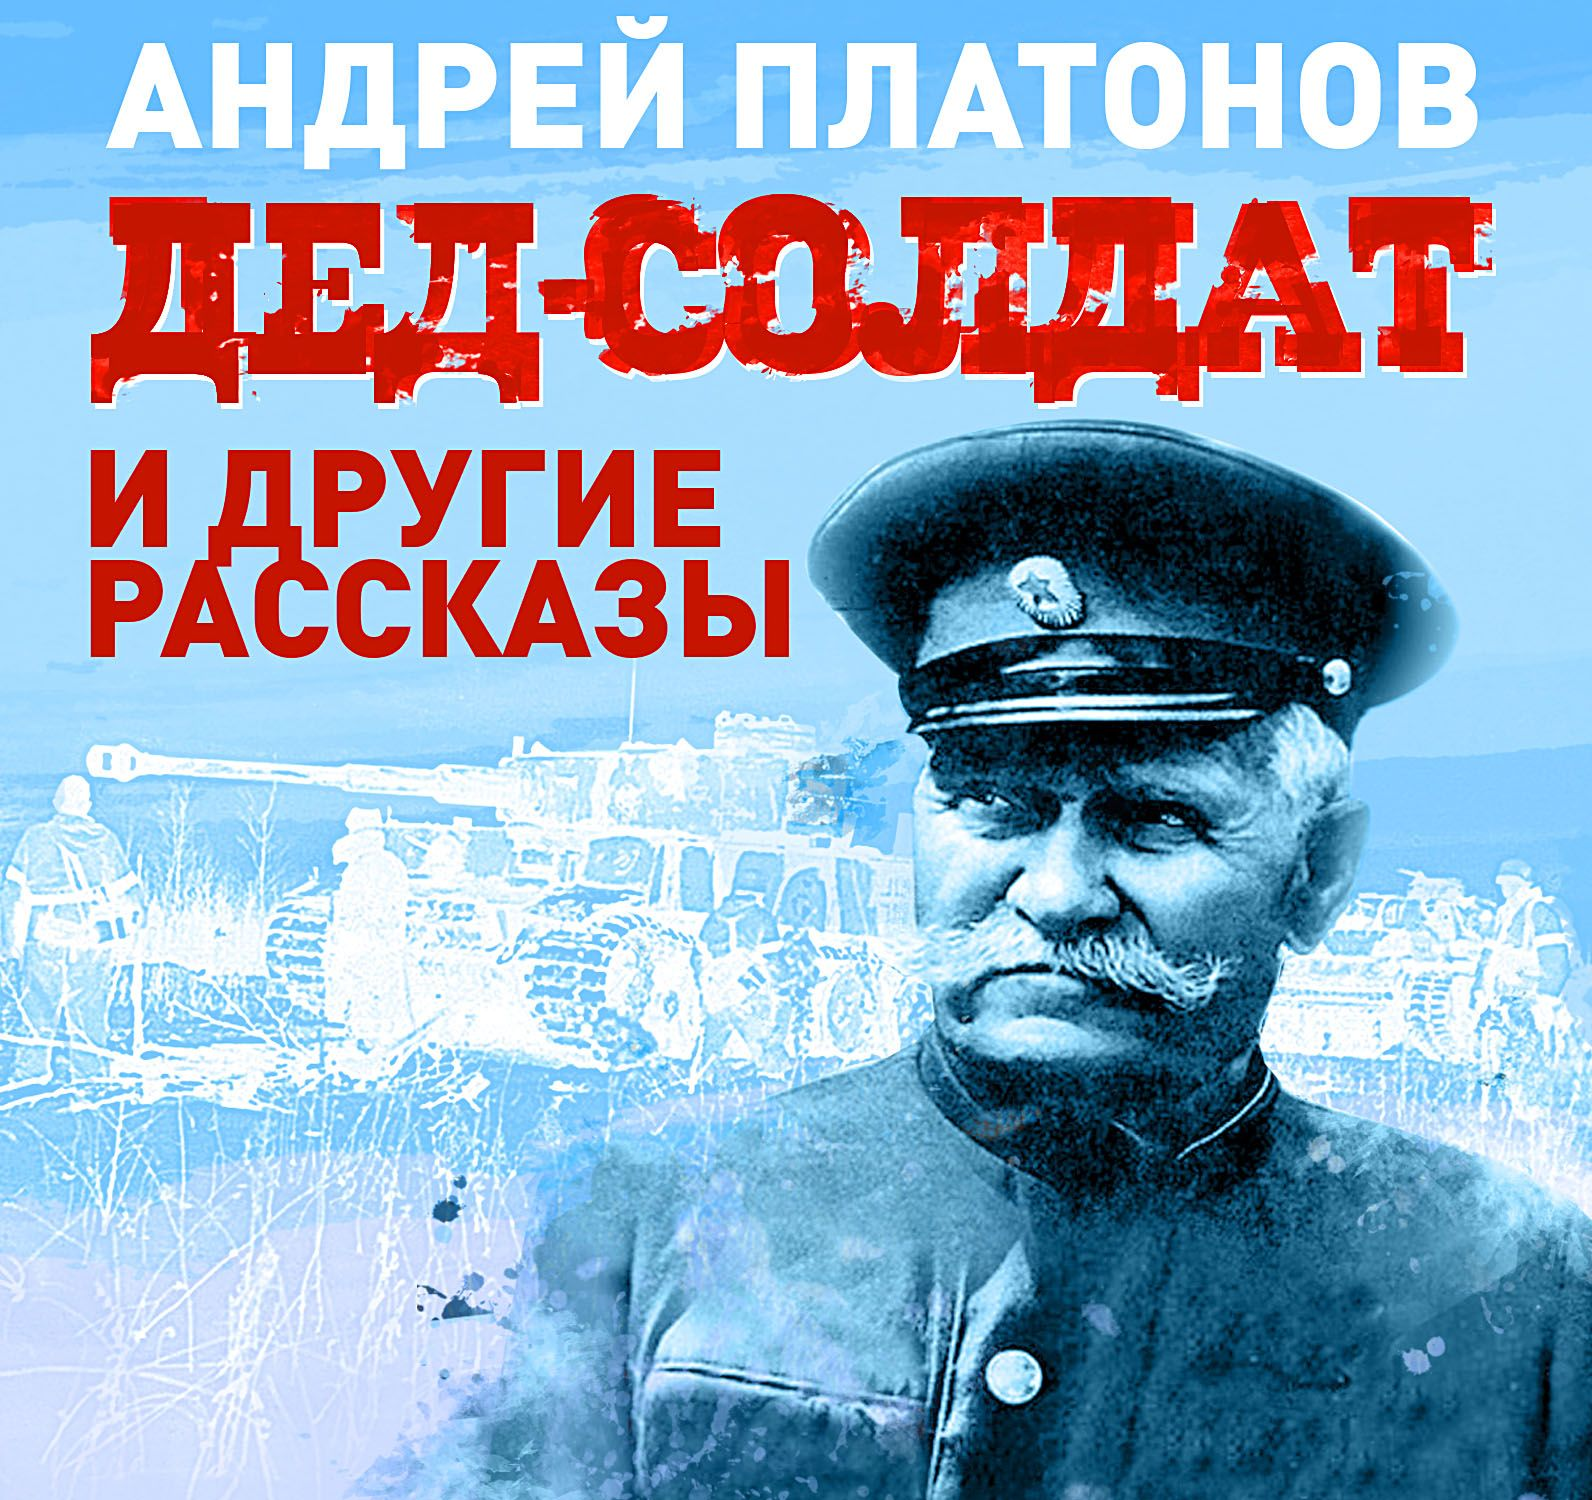 Купить книгу Дед-солдат и другие рассказы, автора Андрея Платонова